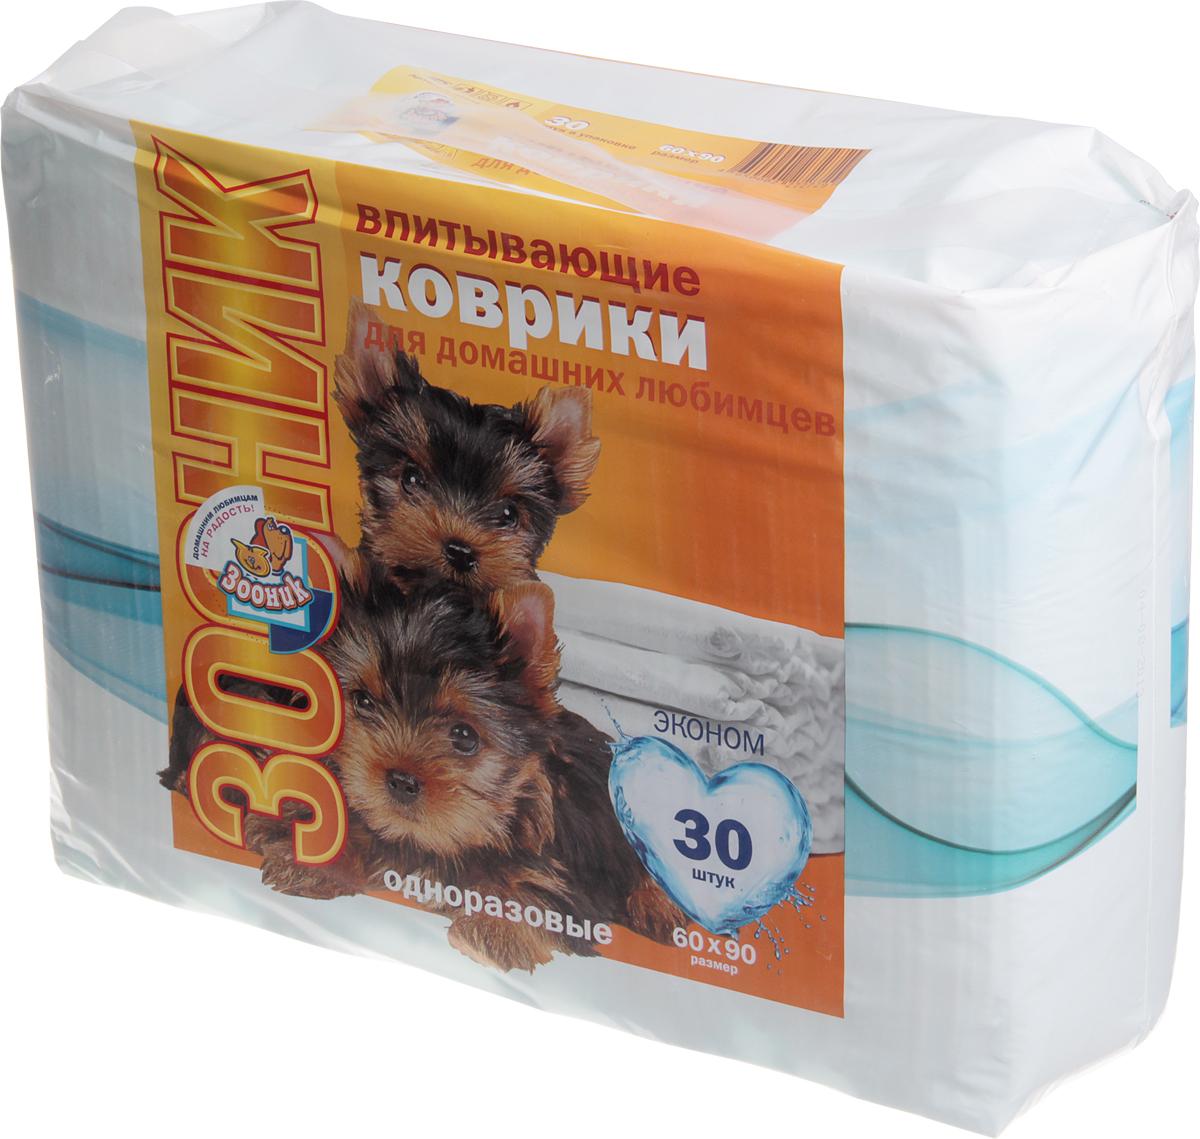 Коврики впитывающие Зооник, 60 х 90 см, 30 шт3005Коврики впитывающие Зооник предназначены для одноразового использования. Верхний слой изготовлен из мягкого нетканого гипоаллергенного материала, который отлично впитывает и удерживает влагу и поглощает запах. Коврики могут использоваться как для туалетных лотков, так и при транспортировке в переноске или автомобиле.Количество: 30 шт.